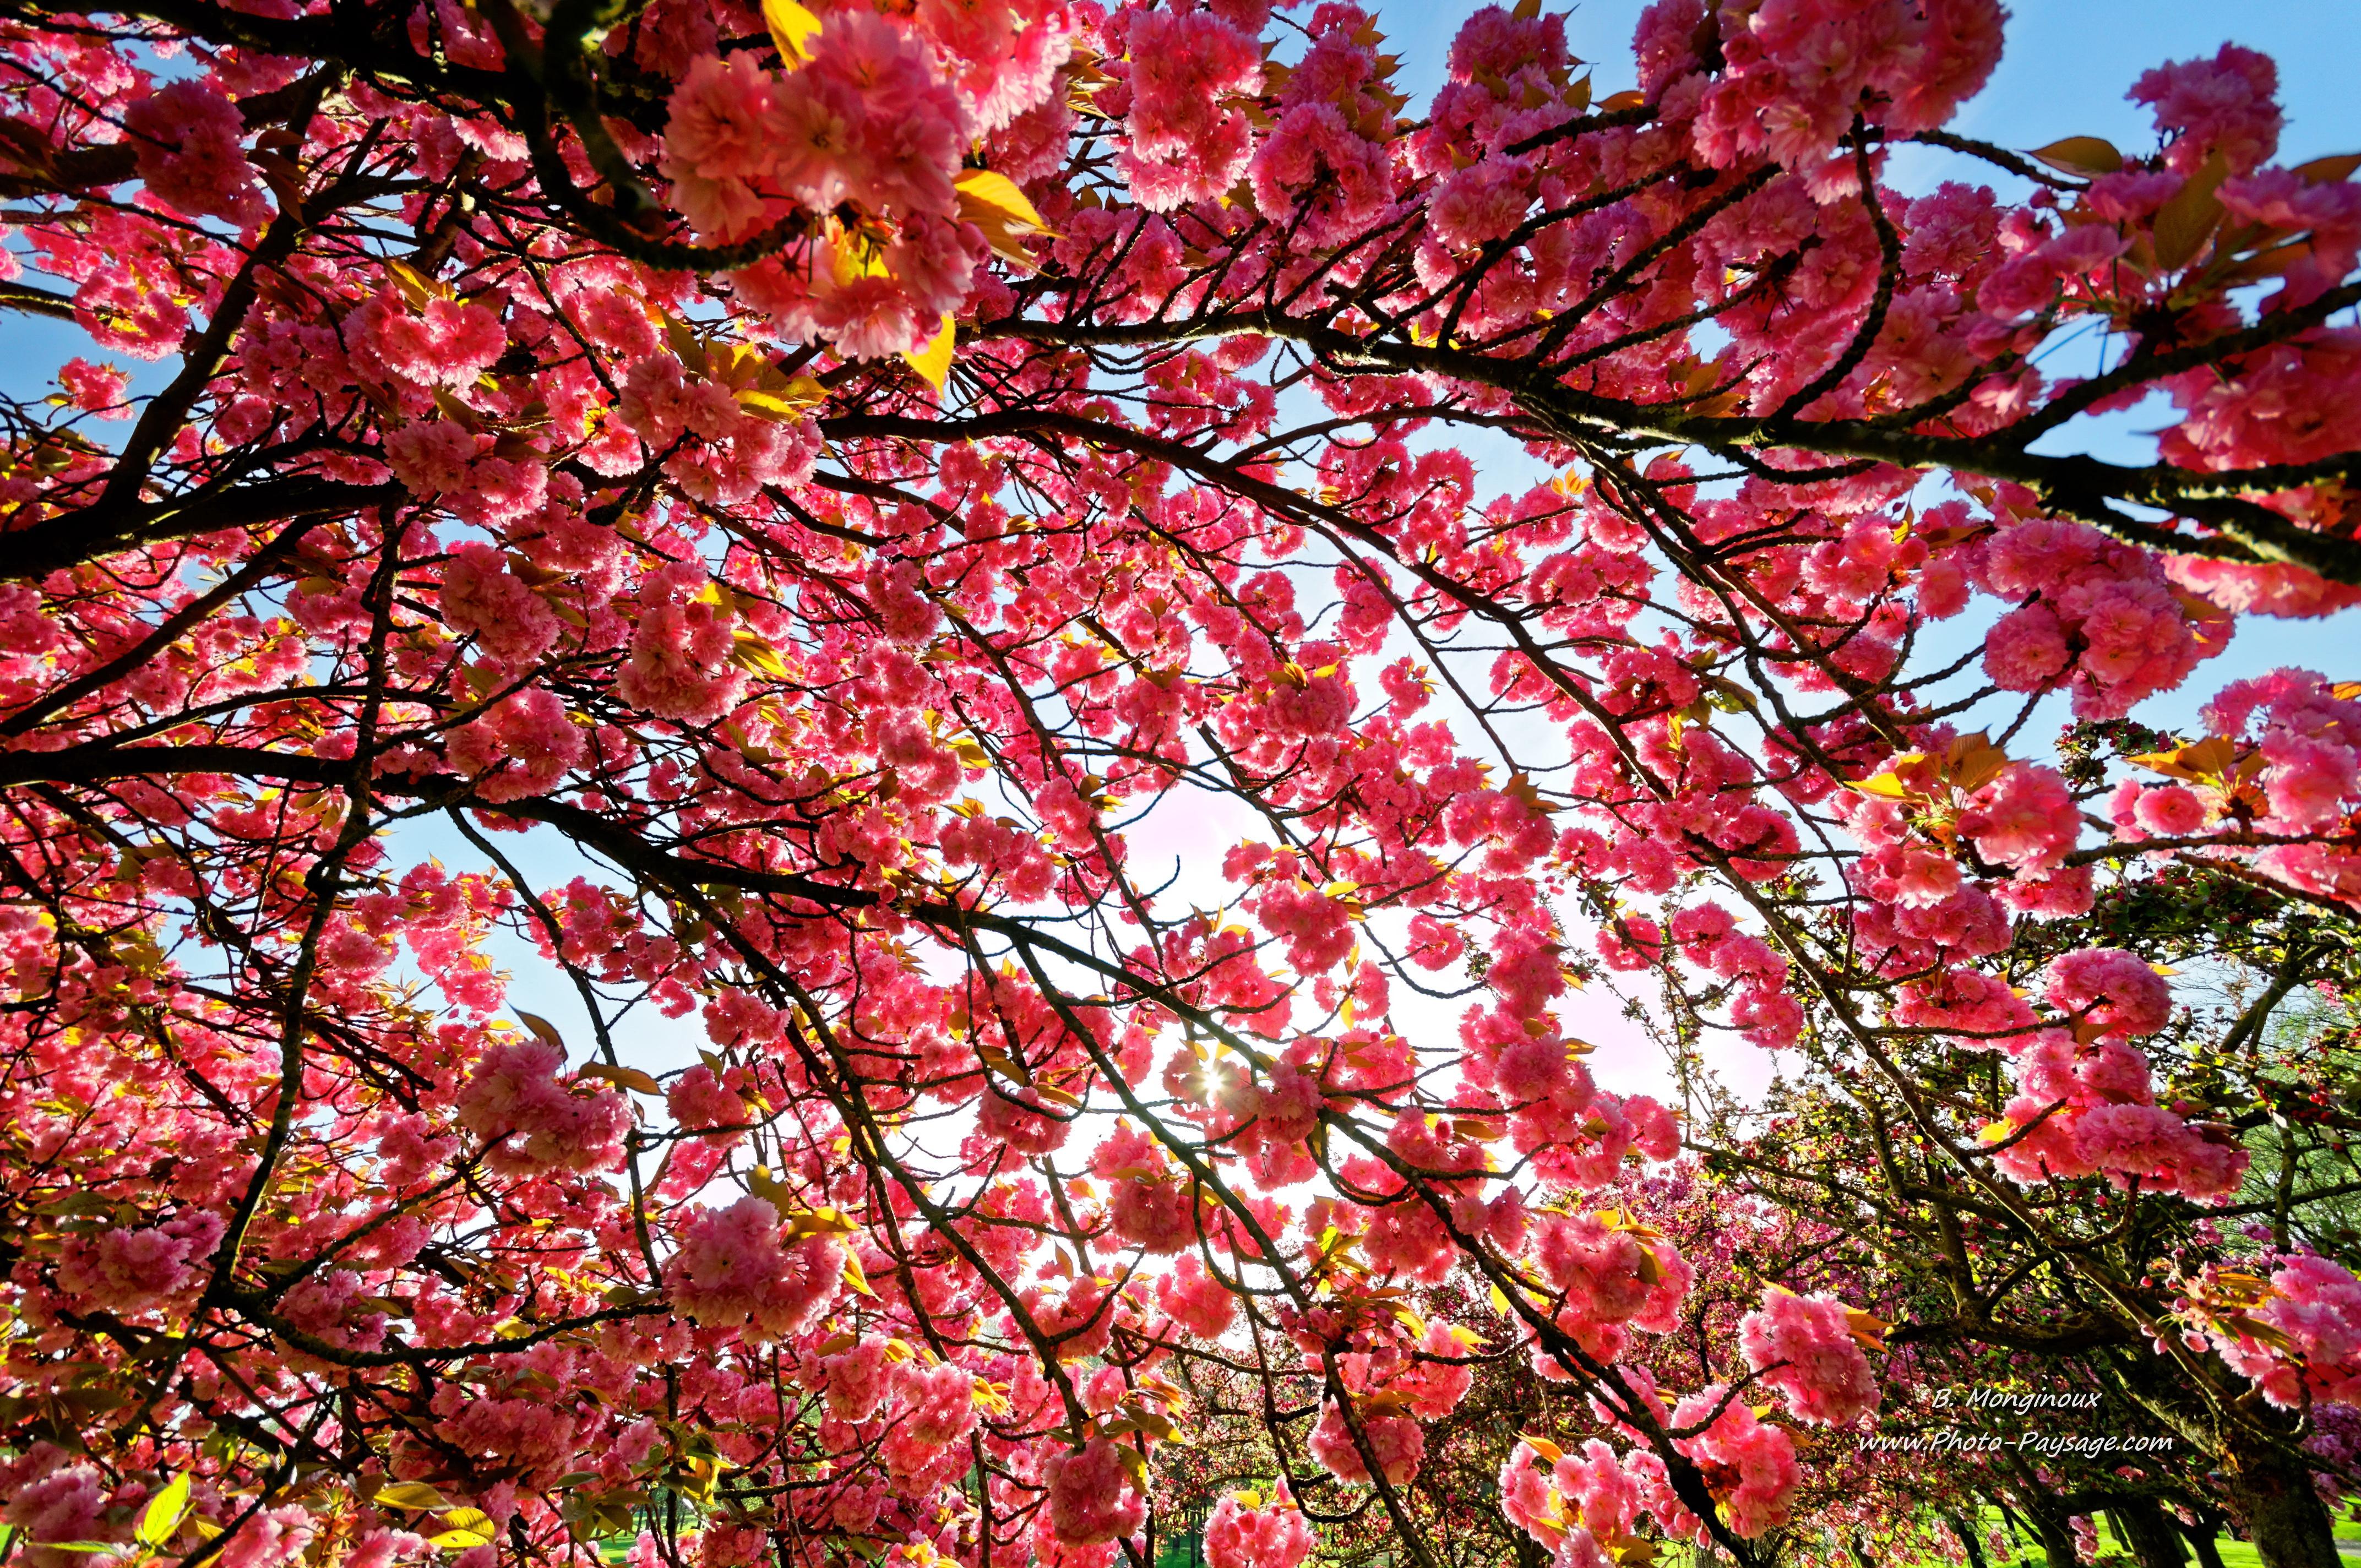 Cliquez ici pour afficher et t l charger le fond d 39 ecran - Greffe du cerisier au printemps ...